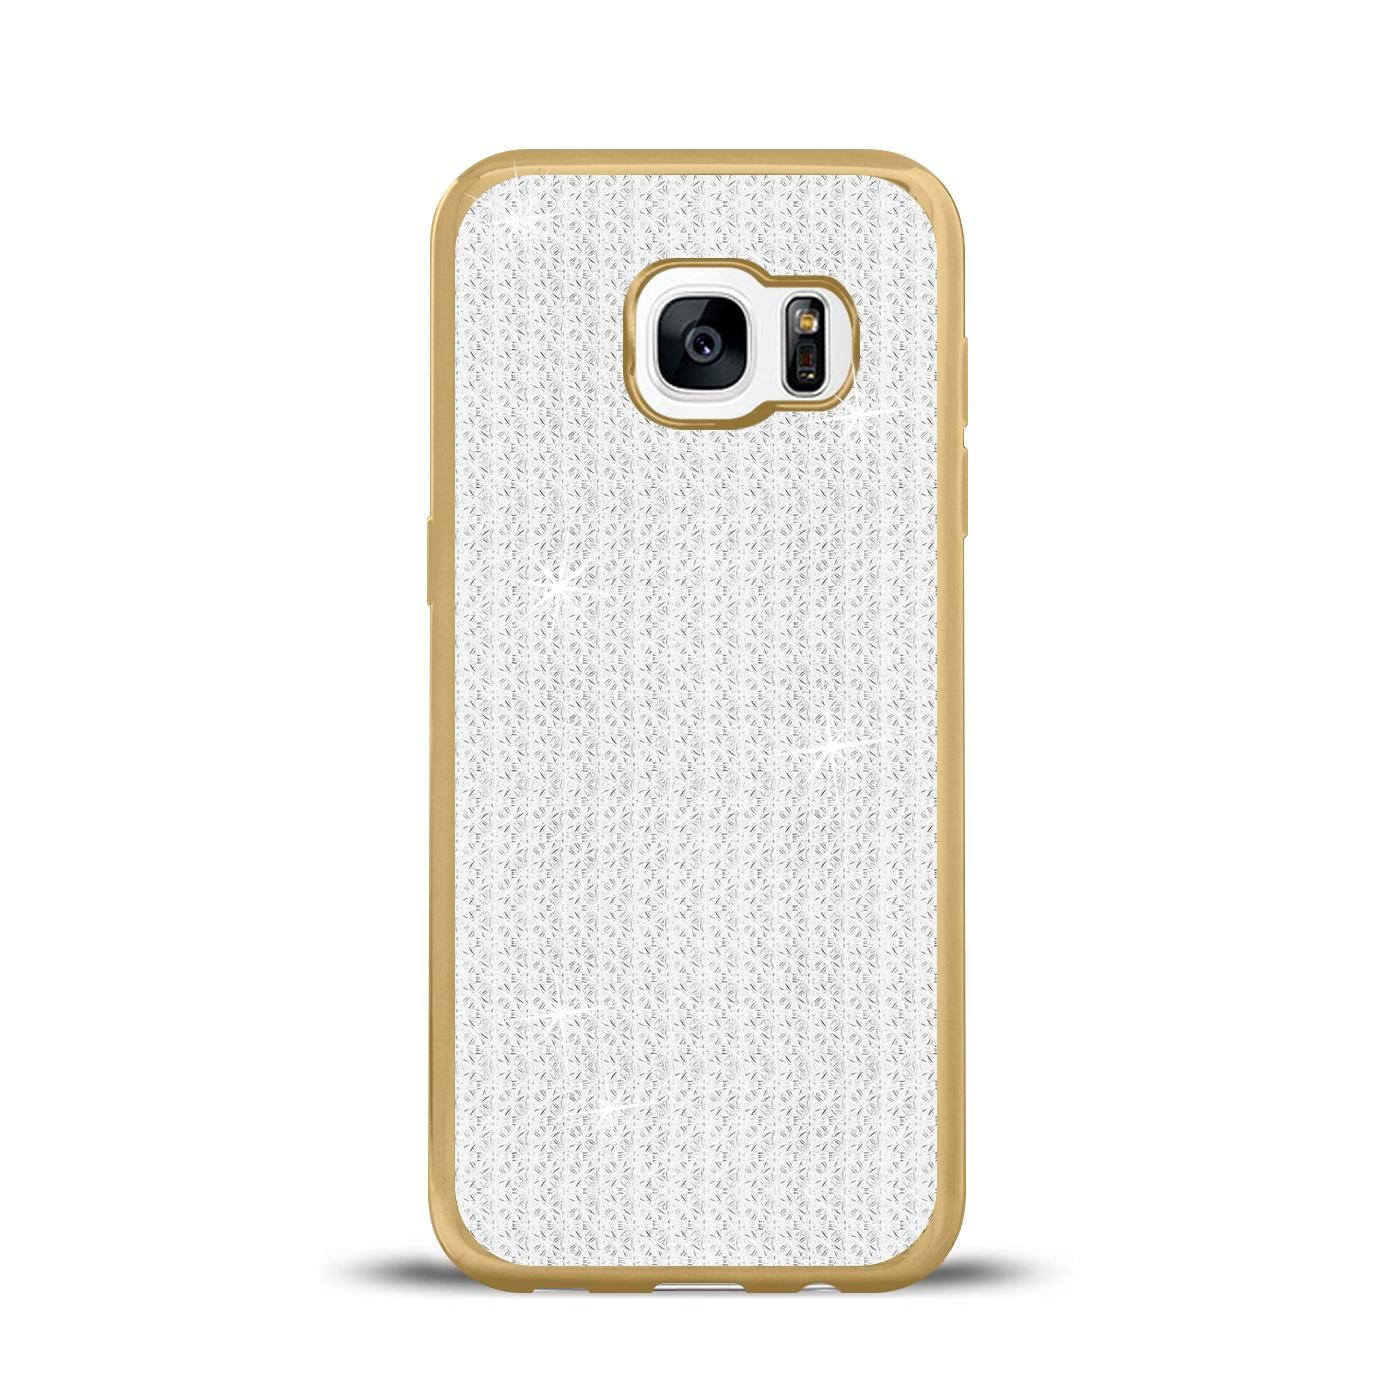 Diamond Samsung Galaxy S7 Edge von Safers